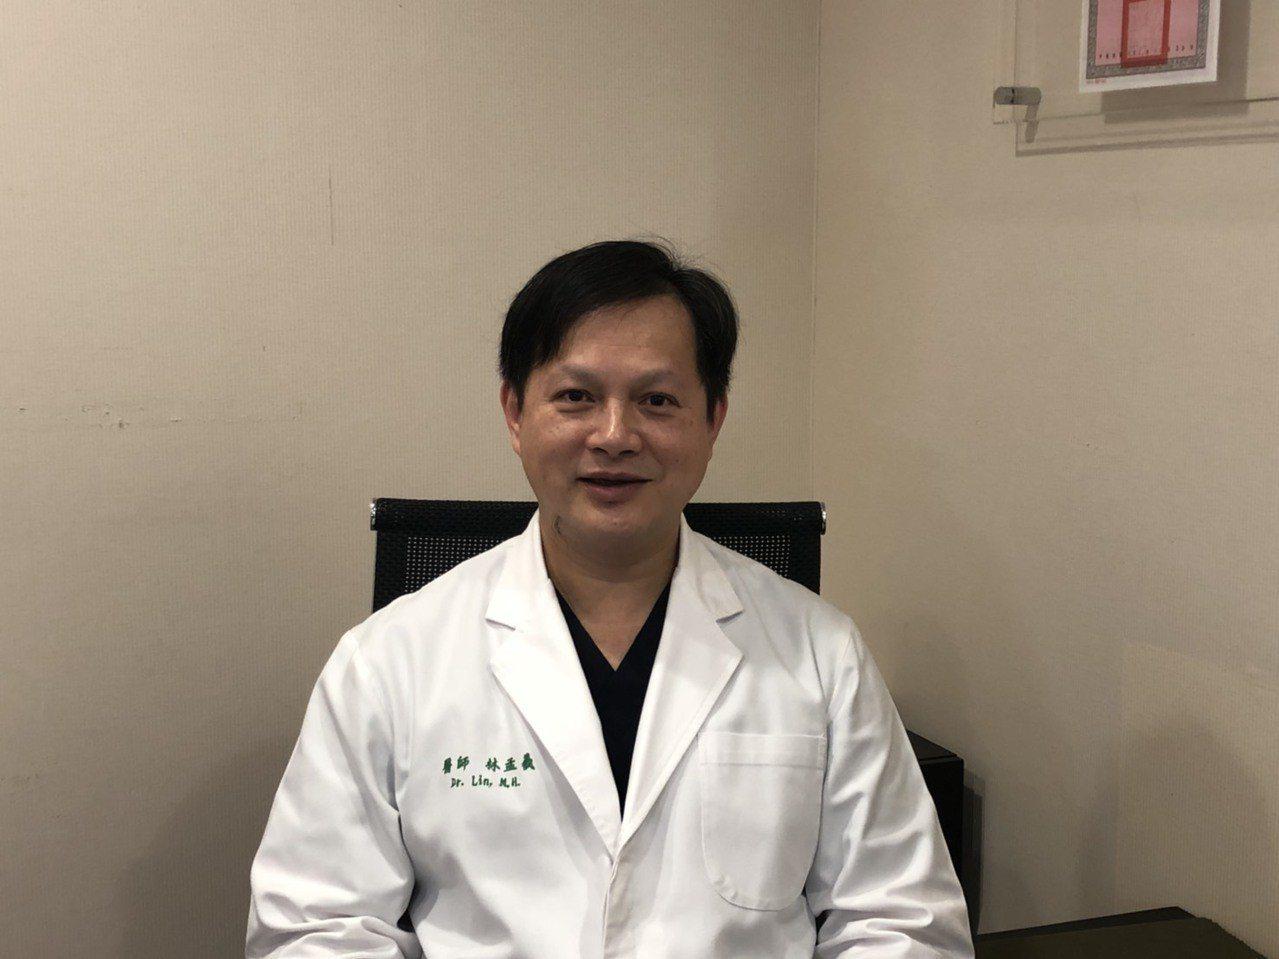 雅丰麗緻整形外科醫師林孟羲表示,以微波熱能破壞腋下汗腺治療多汗問題,不用開刀就能...